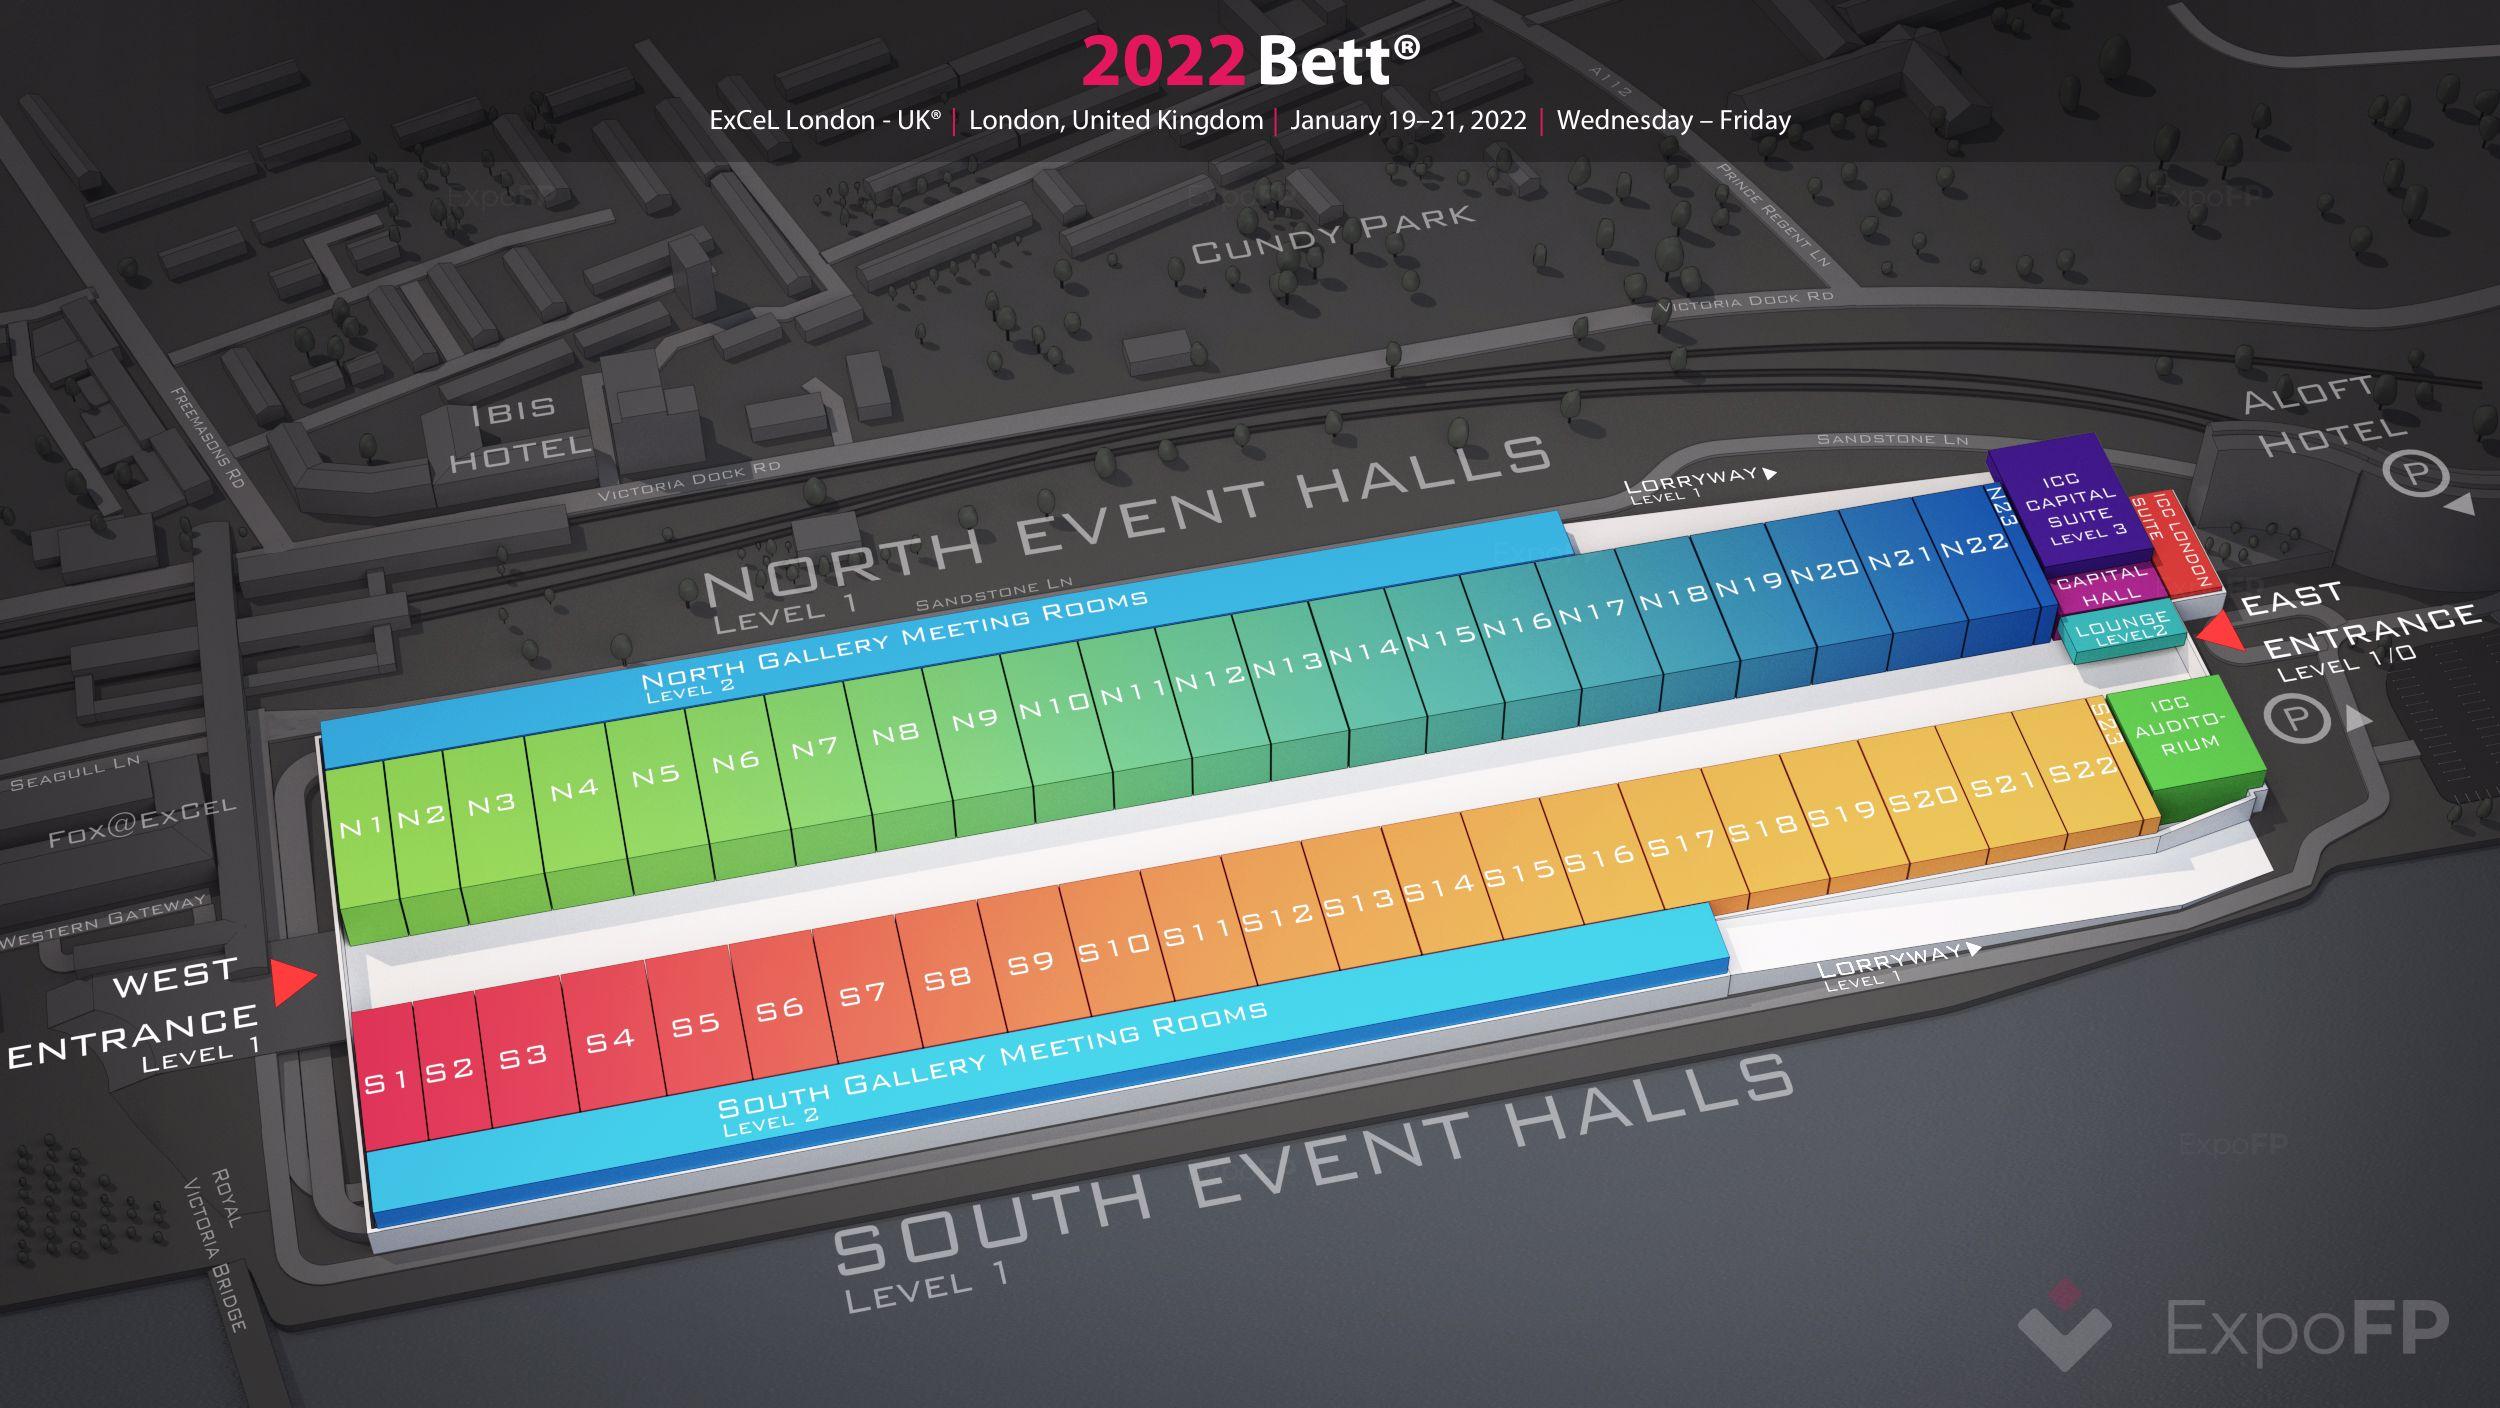 Bett 2022 In Excel London Uk